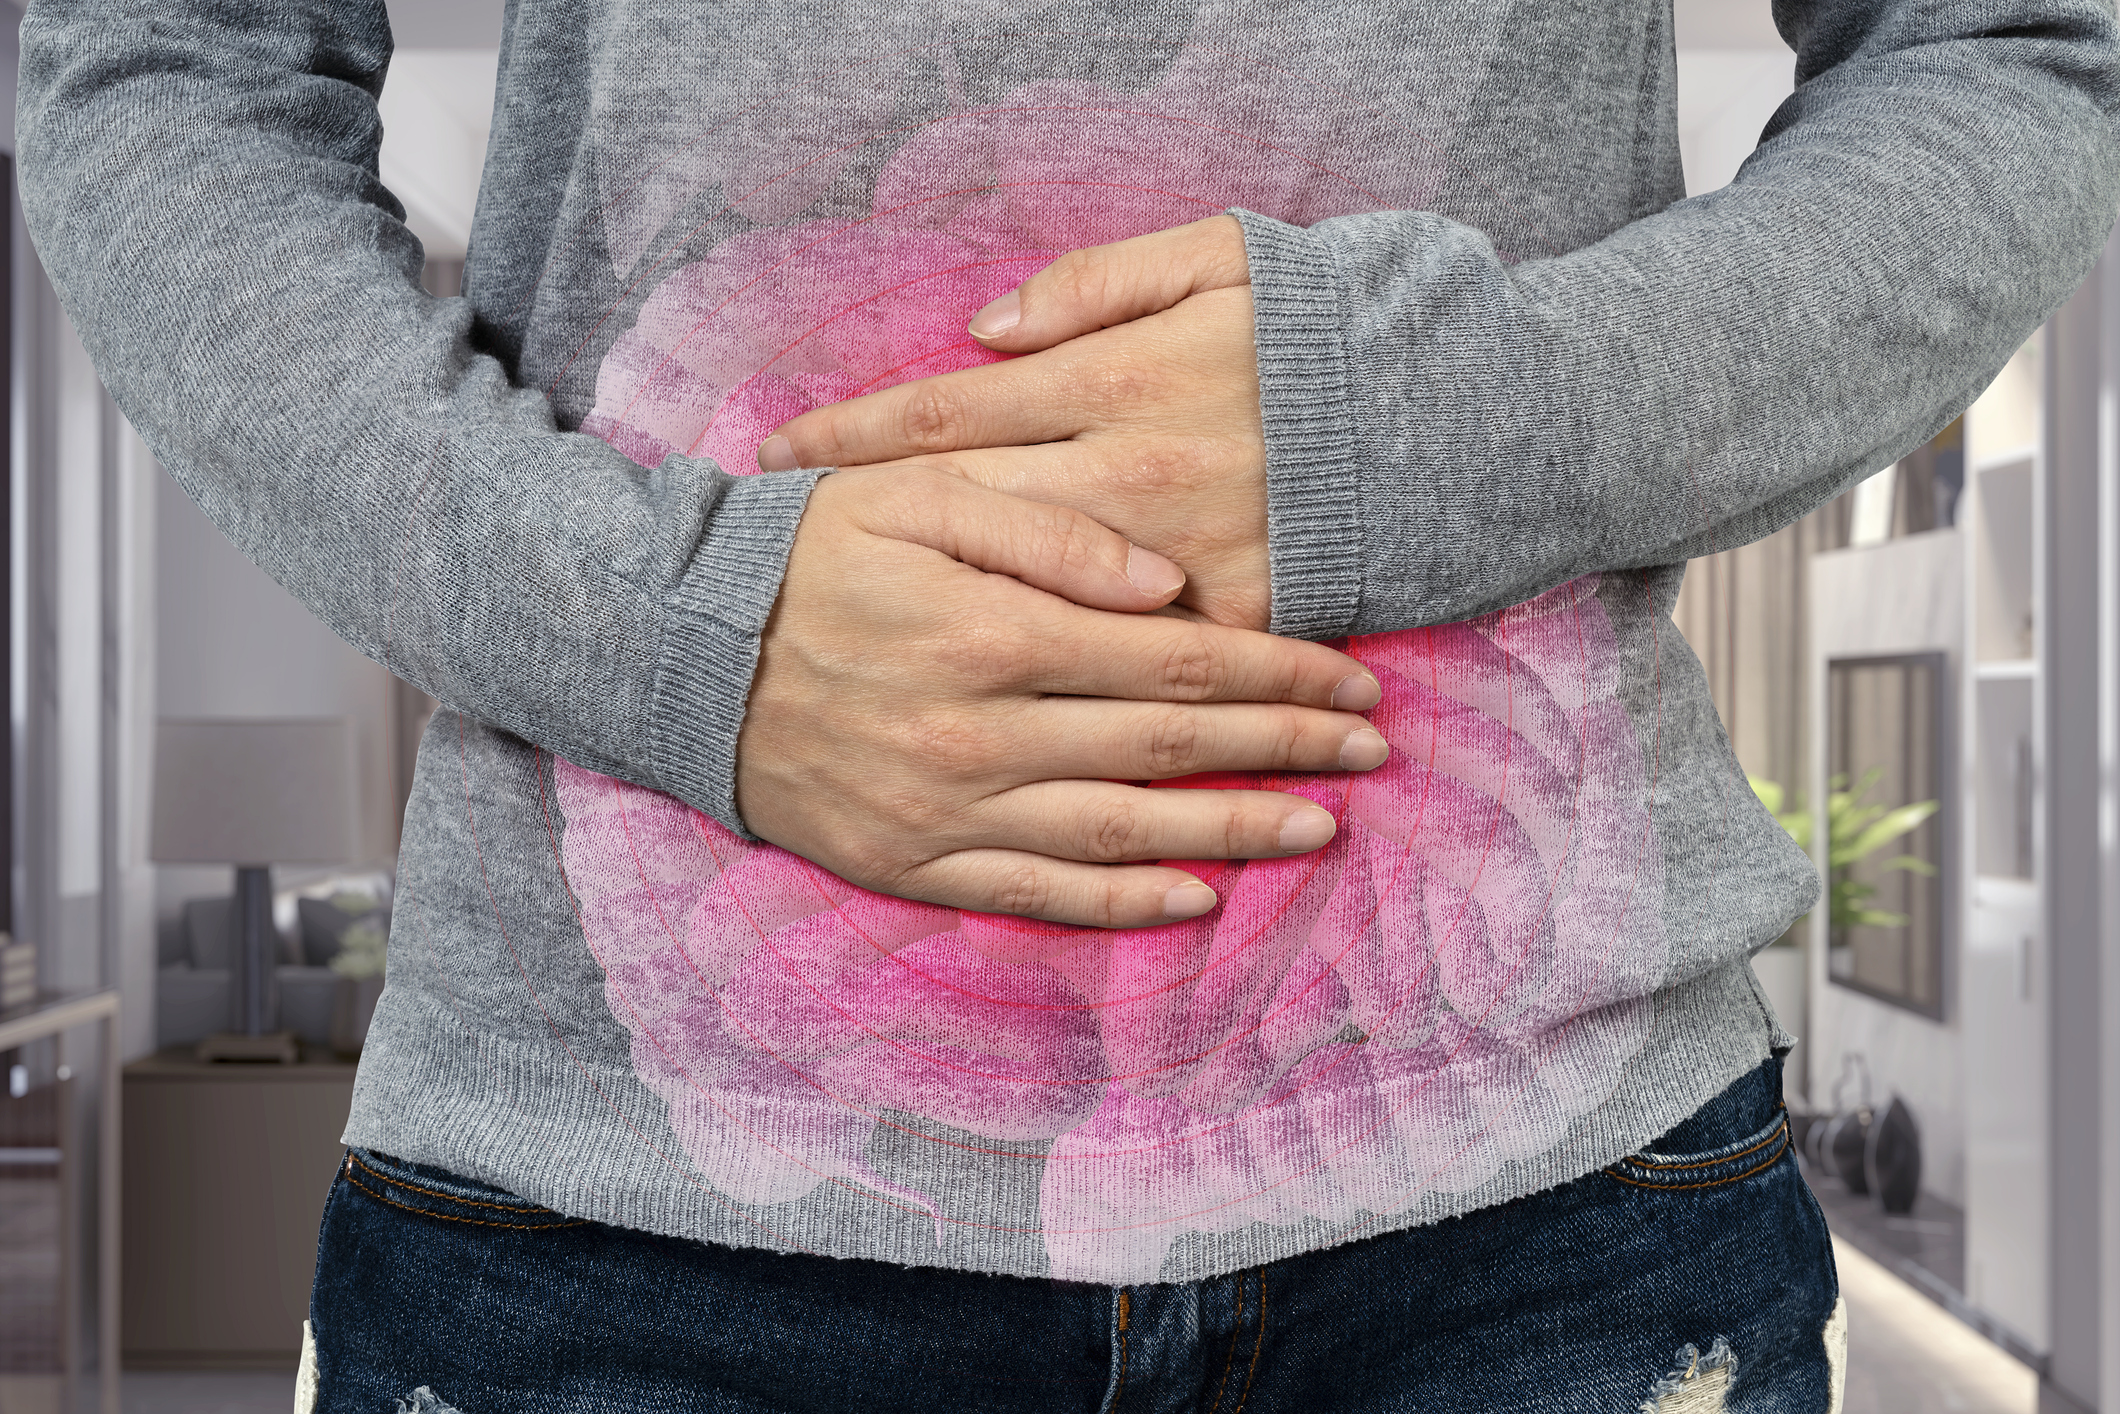 remedio casero para la gastritis y colitis